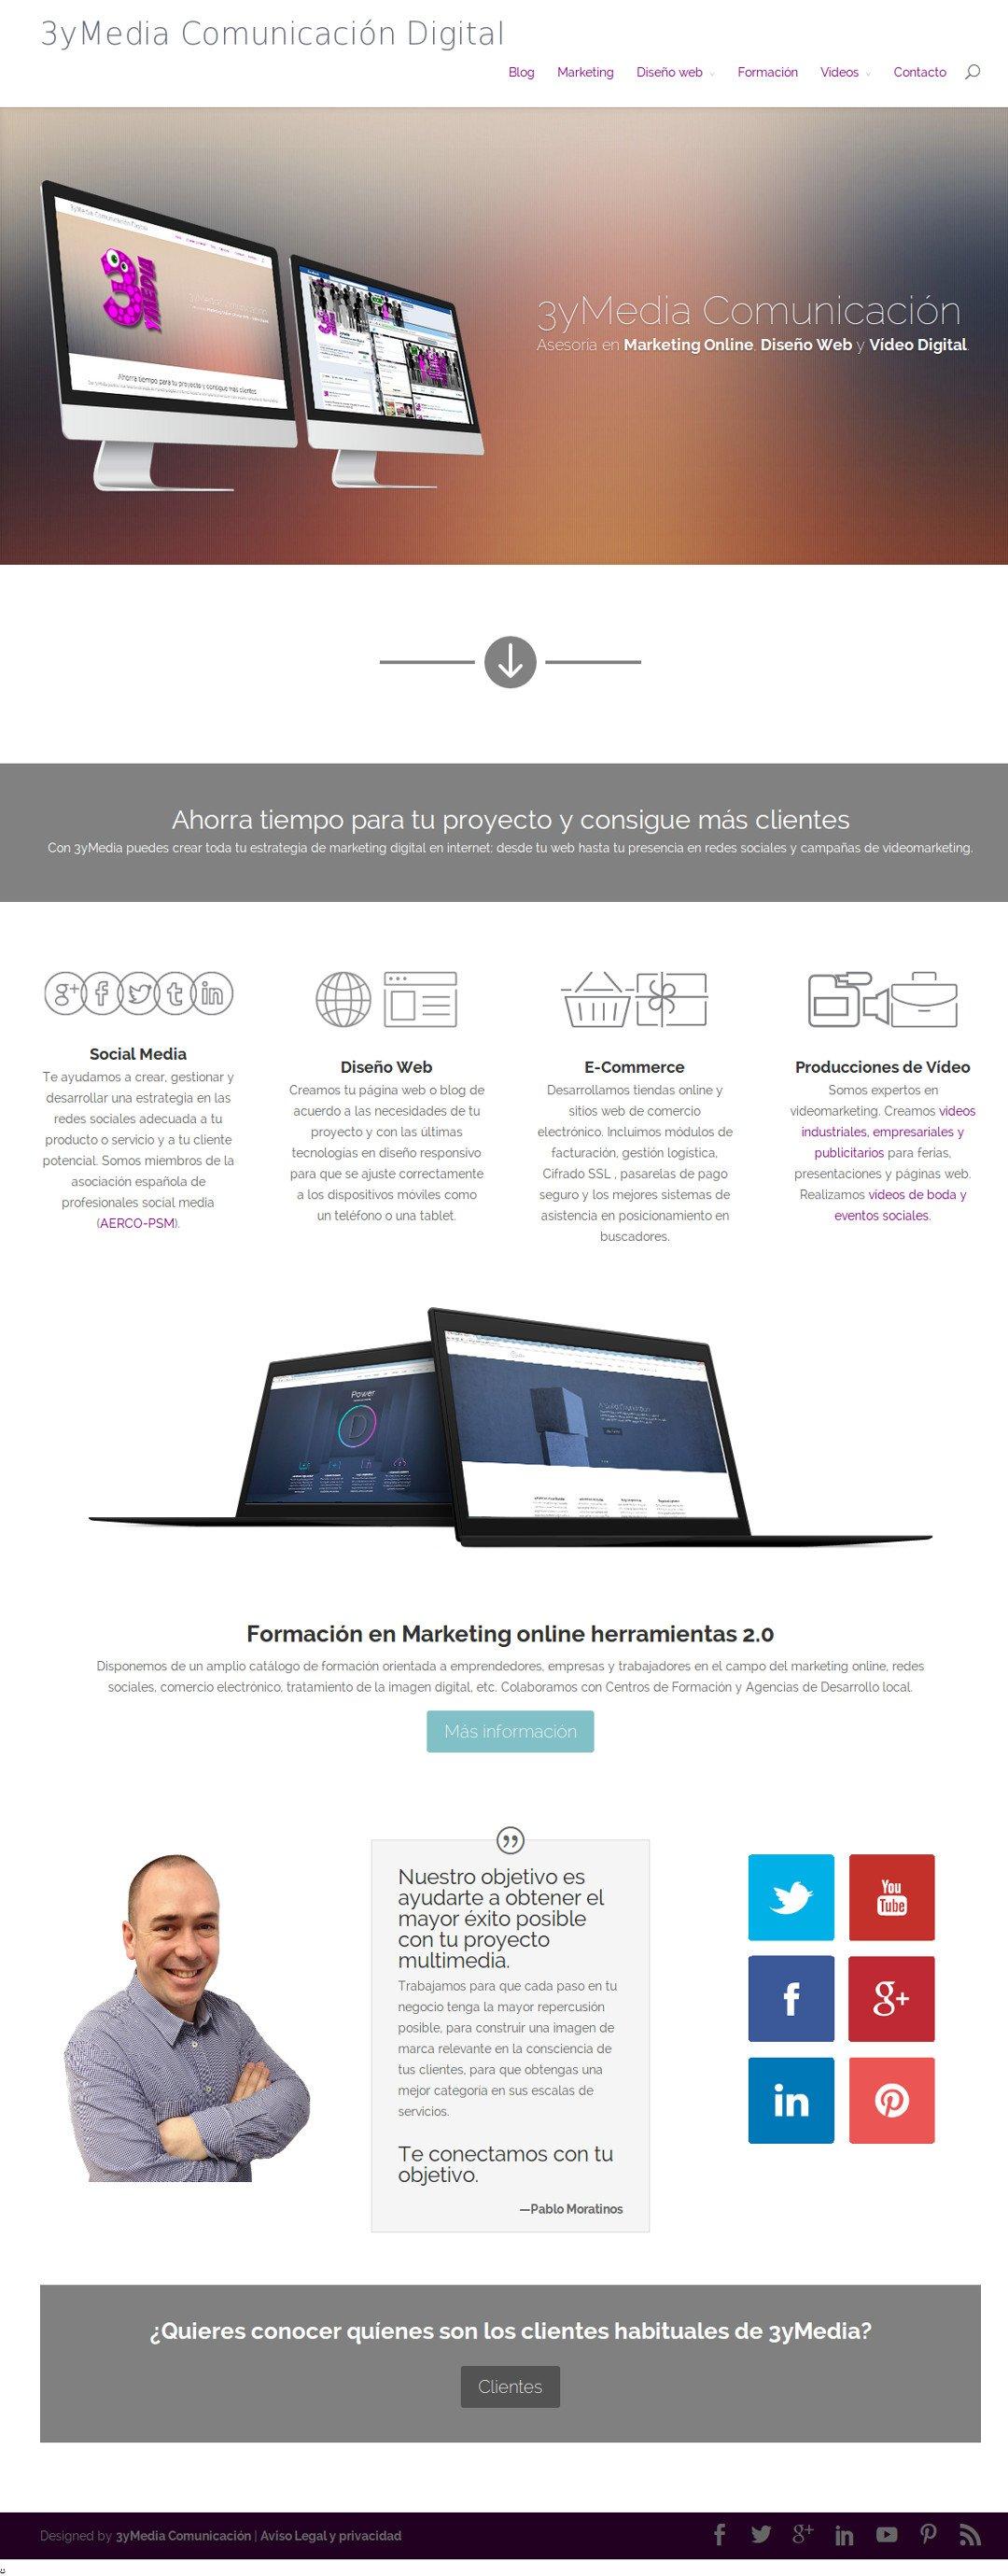 Web de 3yMedia